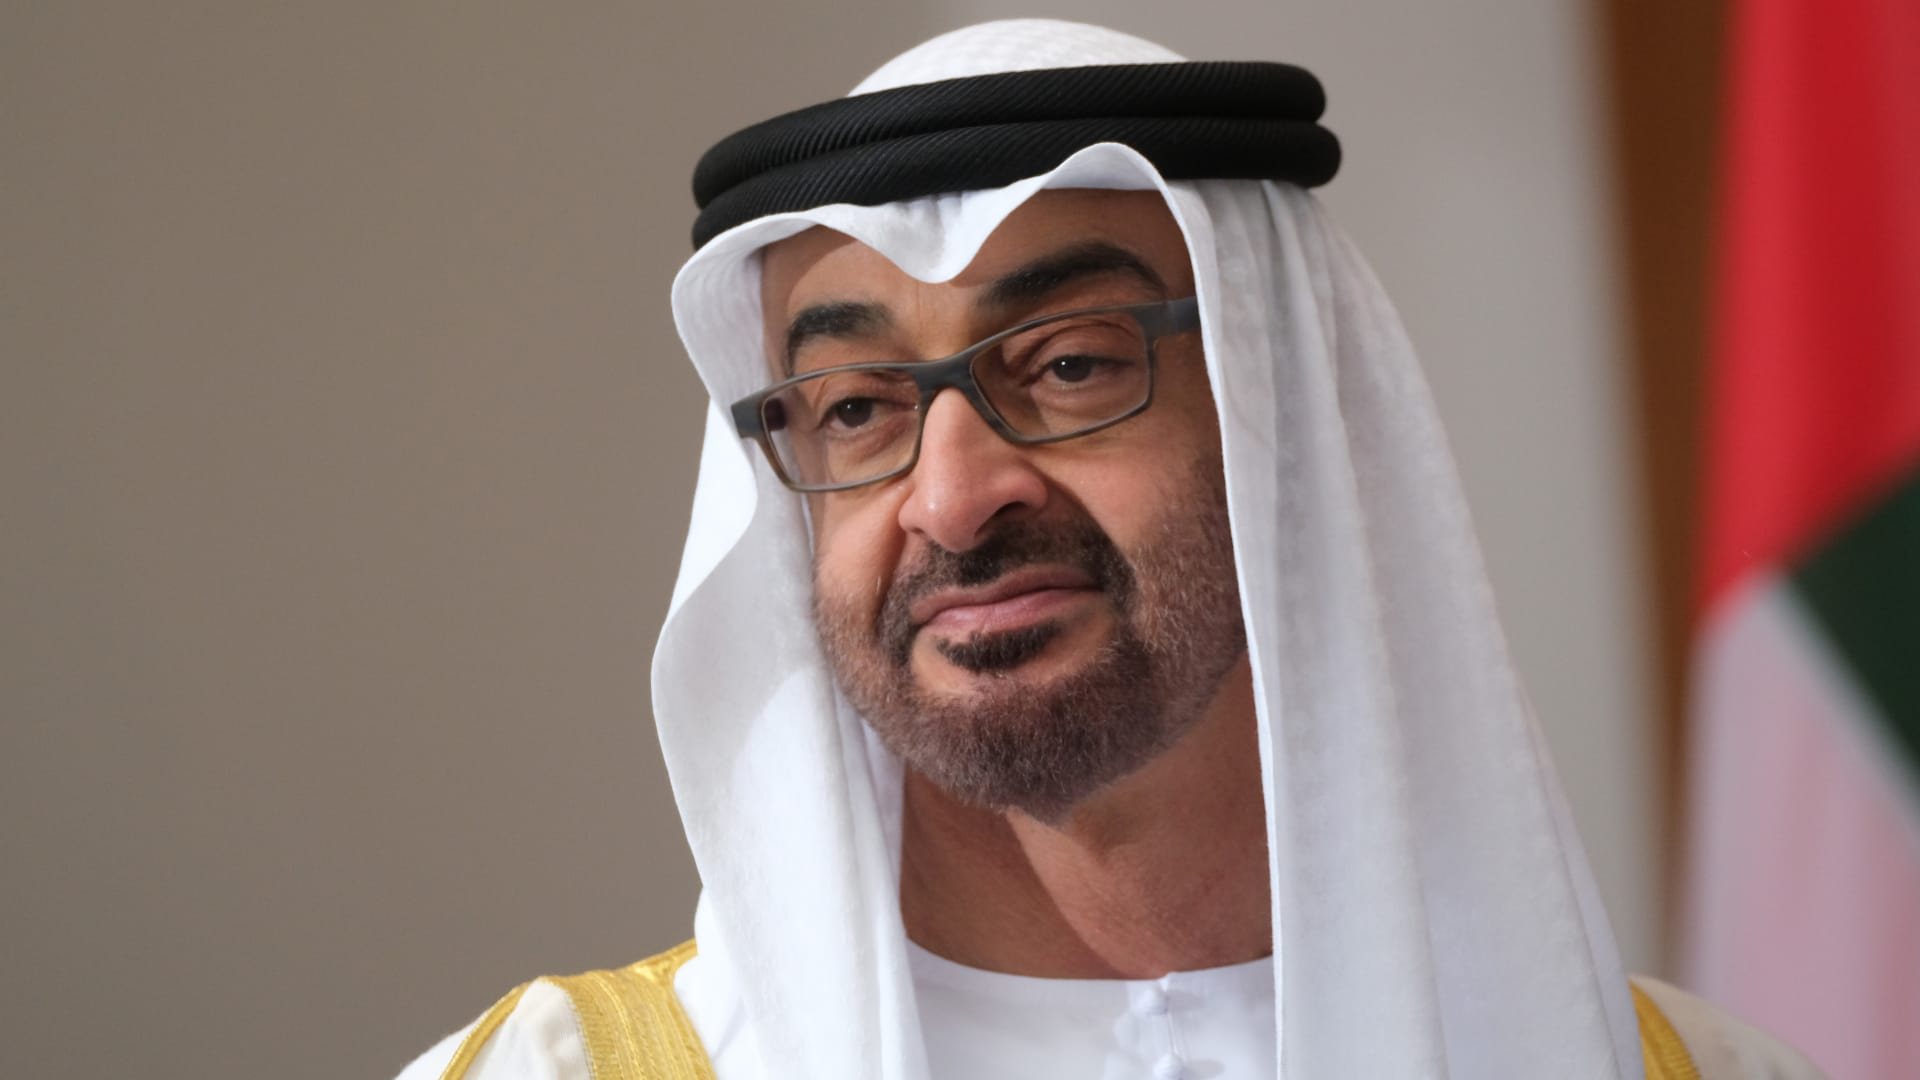 الإمارات تعلن استثمارها بـ10 مليارات دولار في إندونيسيا